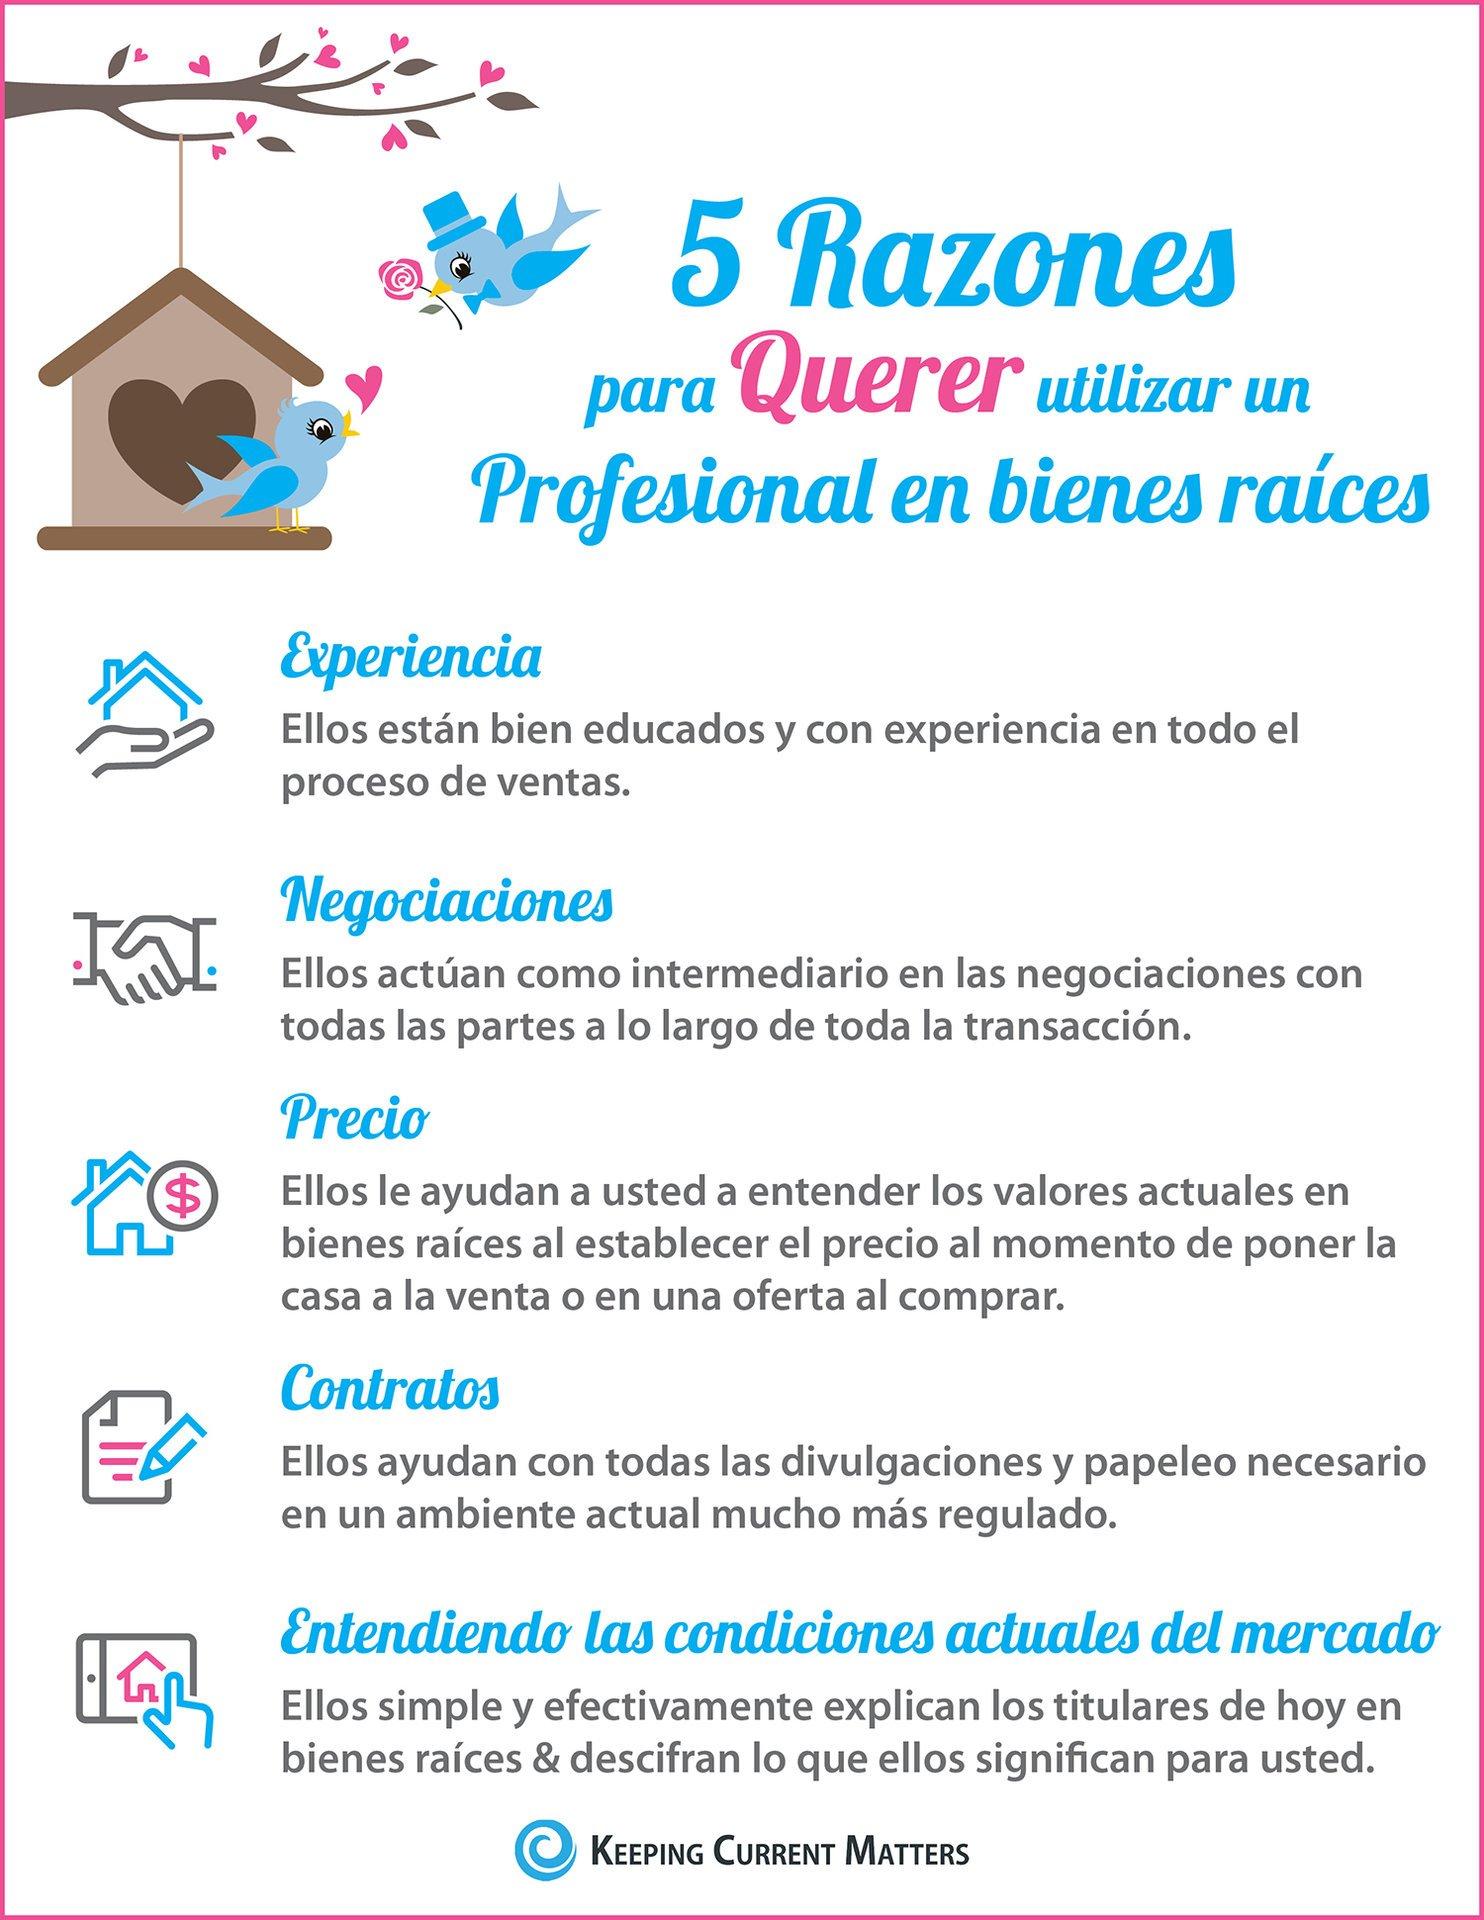 5 razones para querer contratar un profesional en bienes raíces [infografía] | Keeping Current Matters